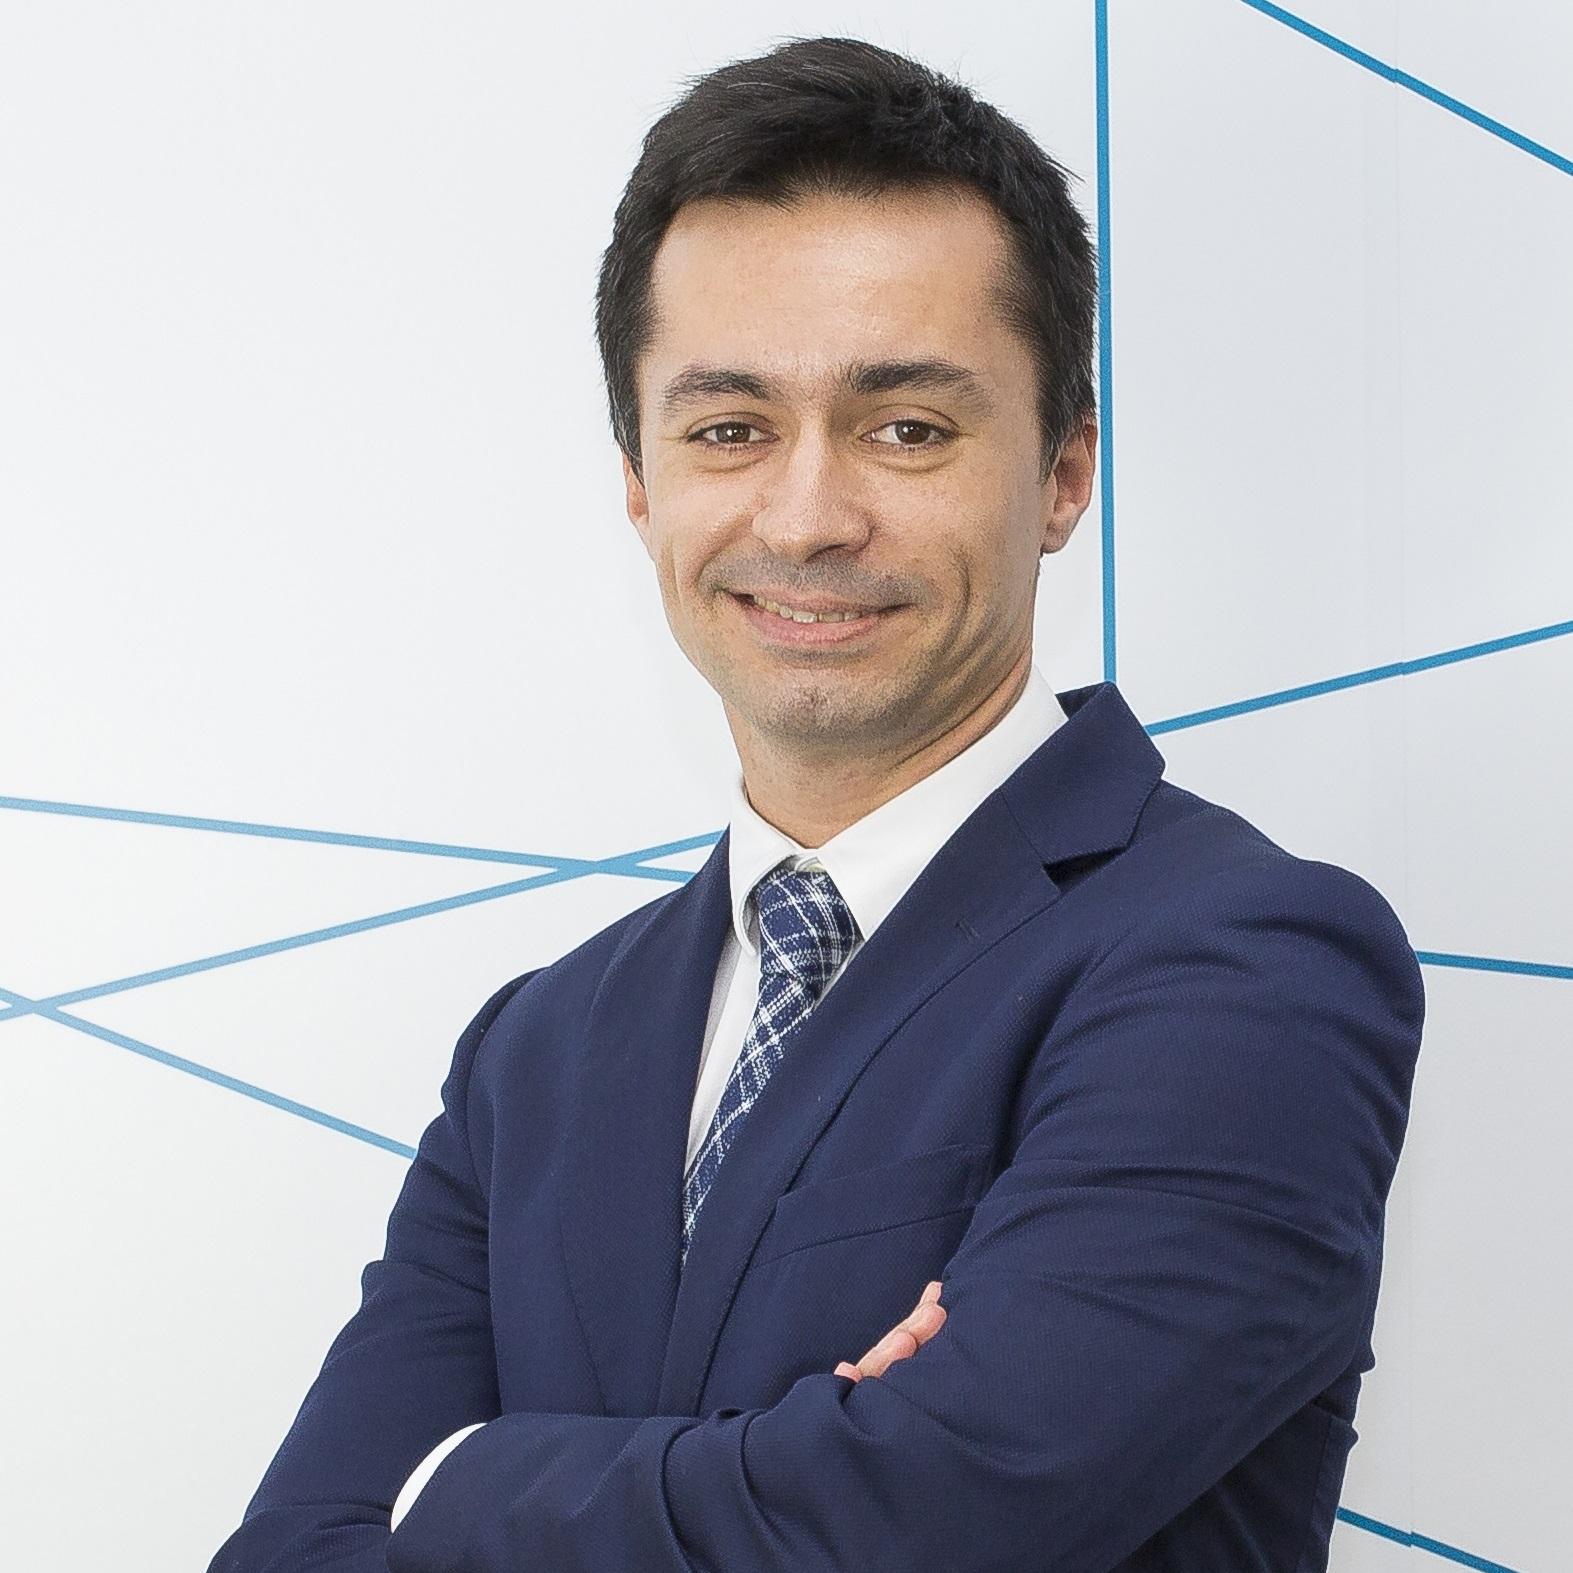 Tiago Borges, Career Business Leader na Mercer Portugal / Mercer